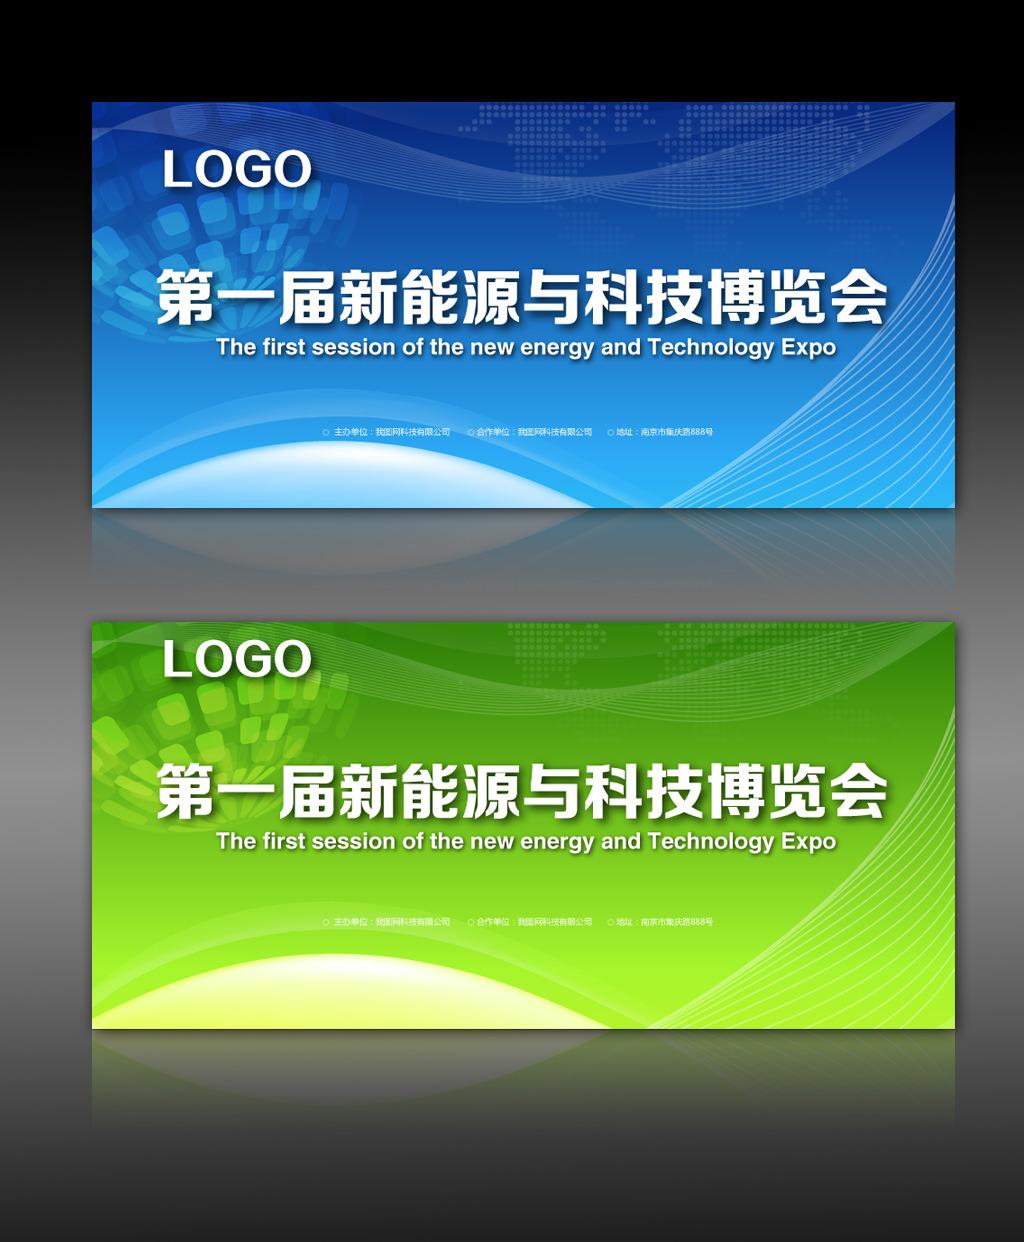 商务能源科技会议背景展板模板